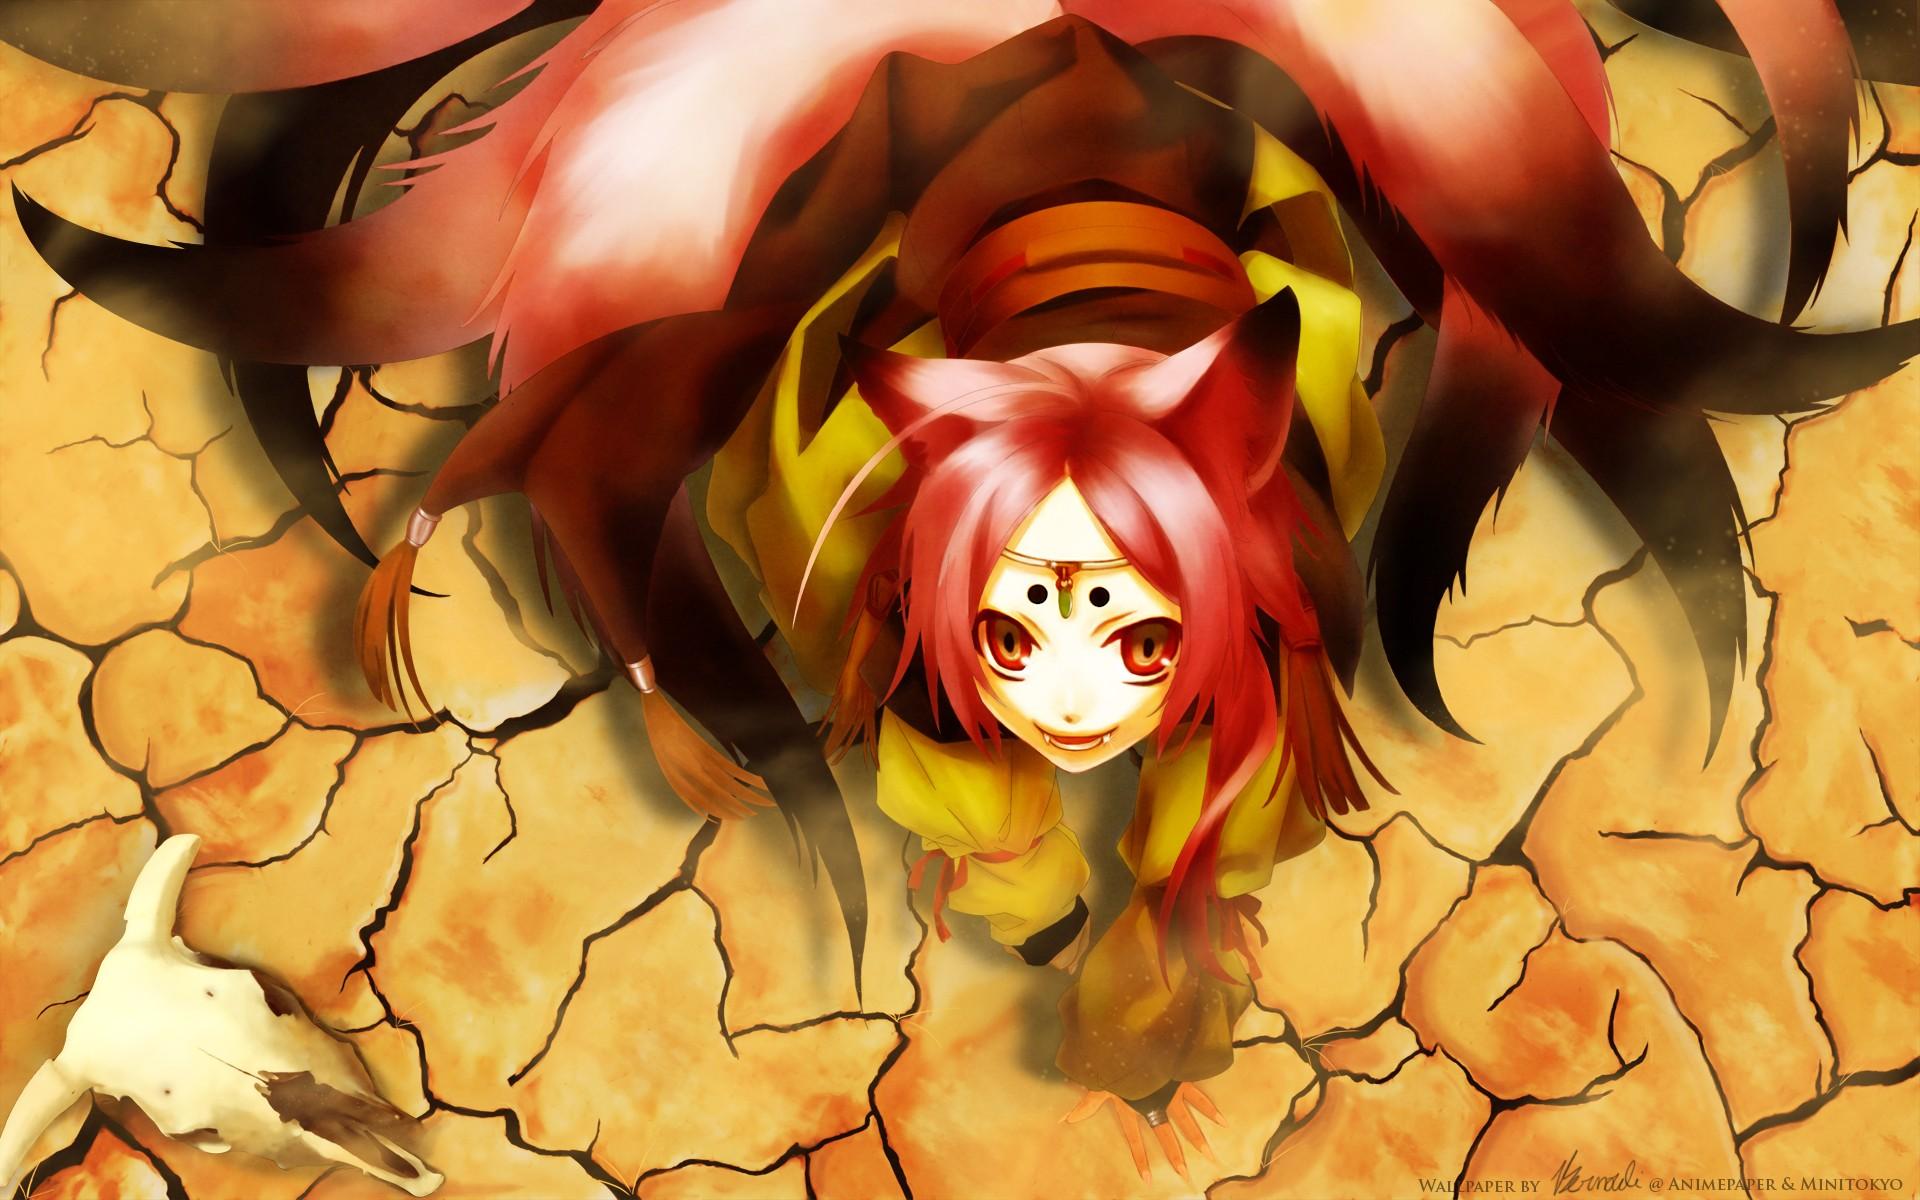 Sfondi : illustrazione testa rossa anime girls ragazza volpe